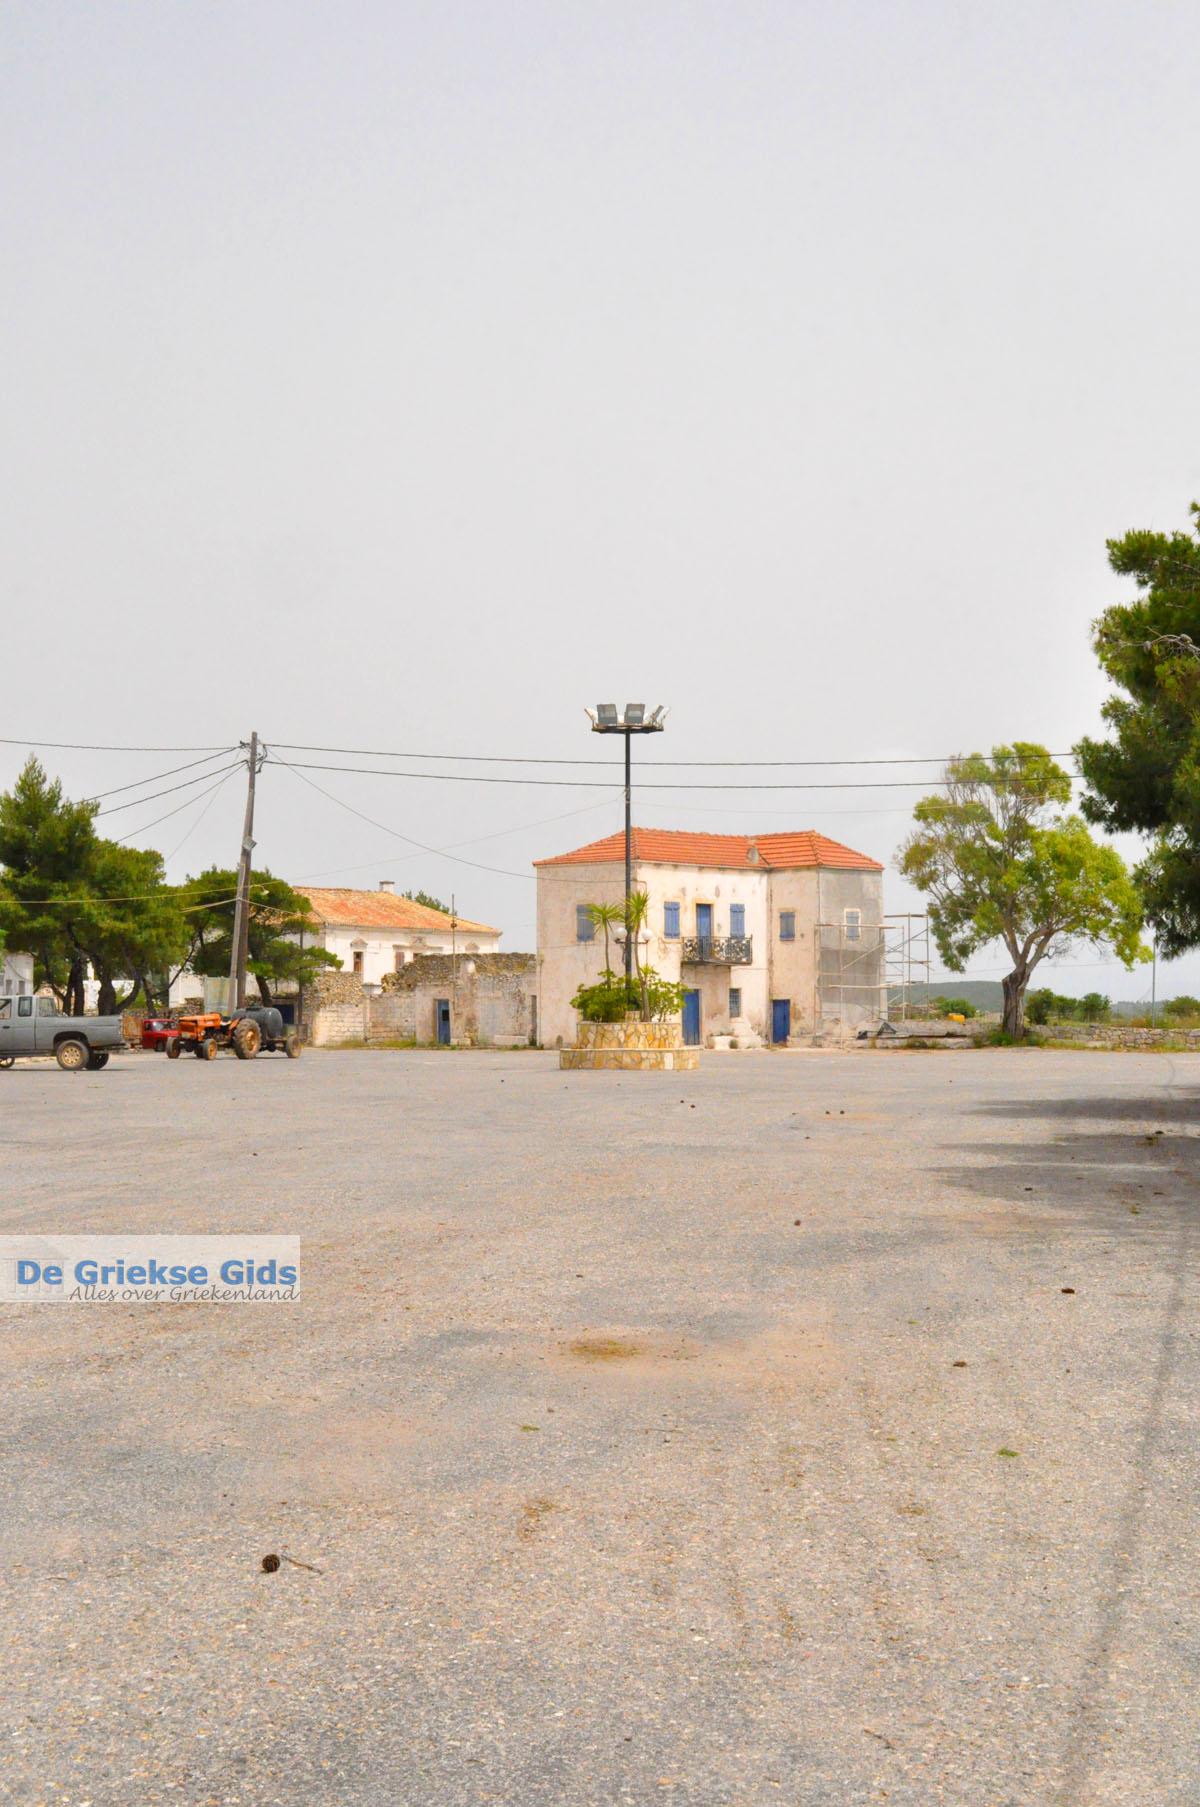 foto Fratsia Kythira | Griekenland | De Griekse Gids foto 5